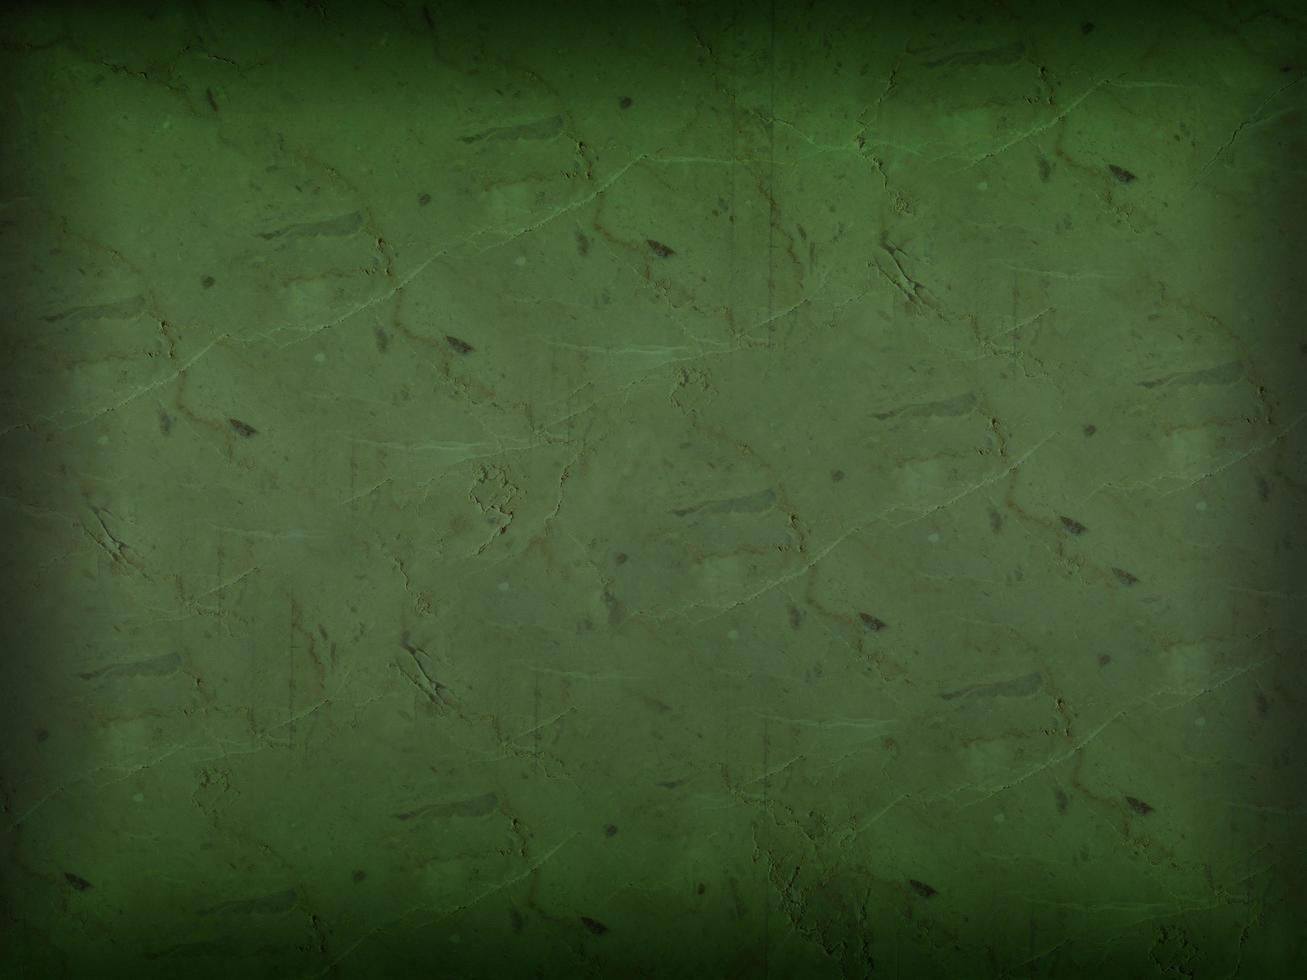 Tafel aus grünem Marmor für Hintergrund oder Textur foto